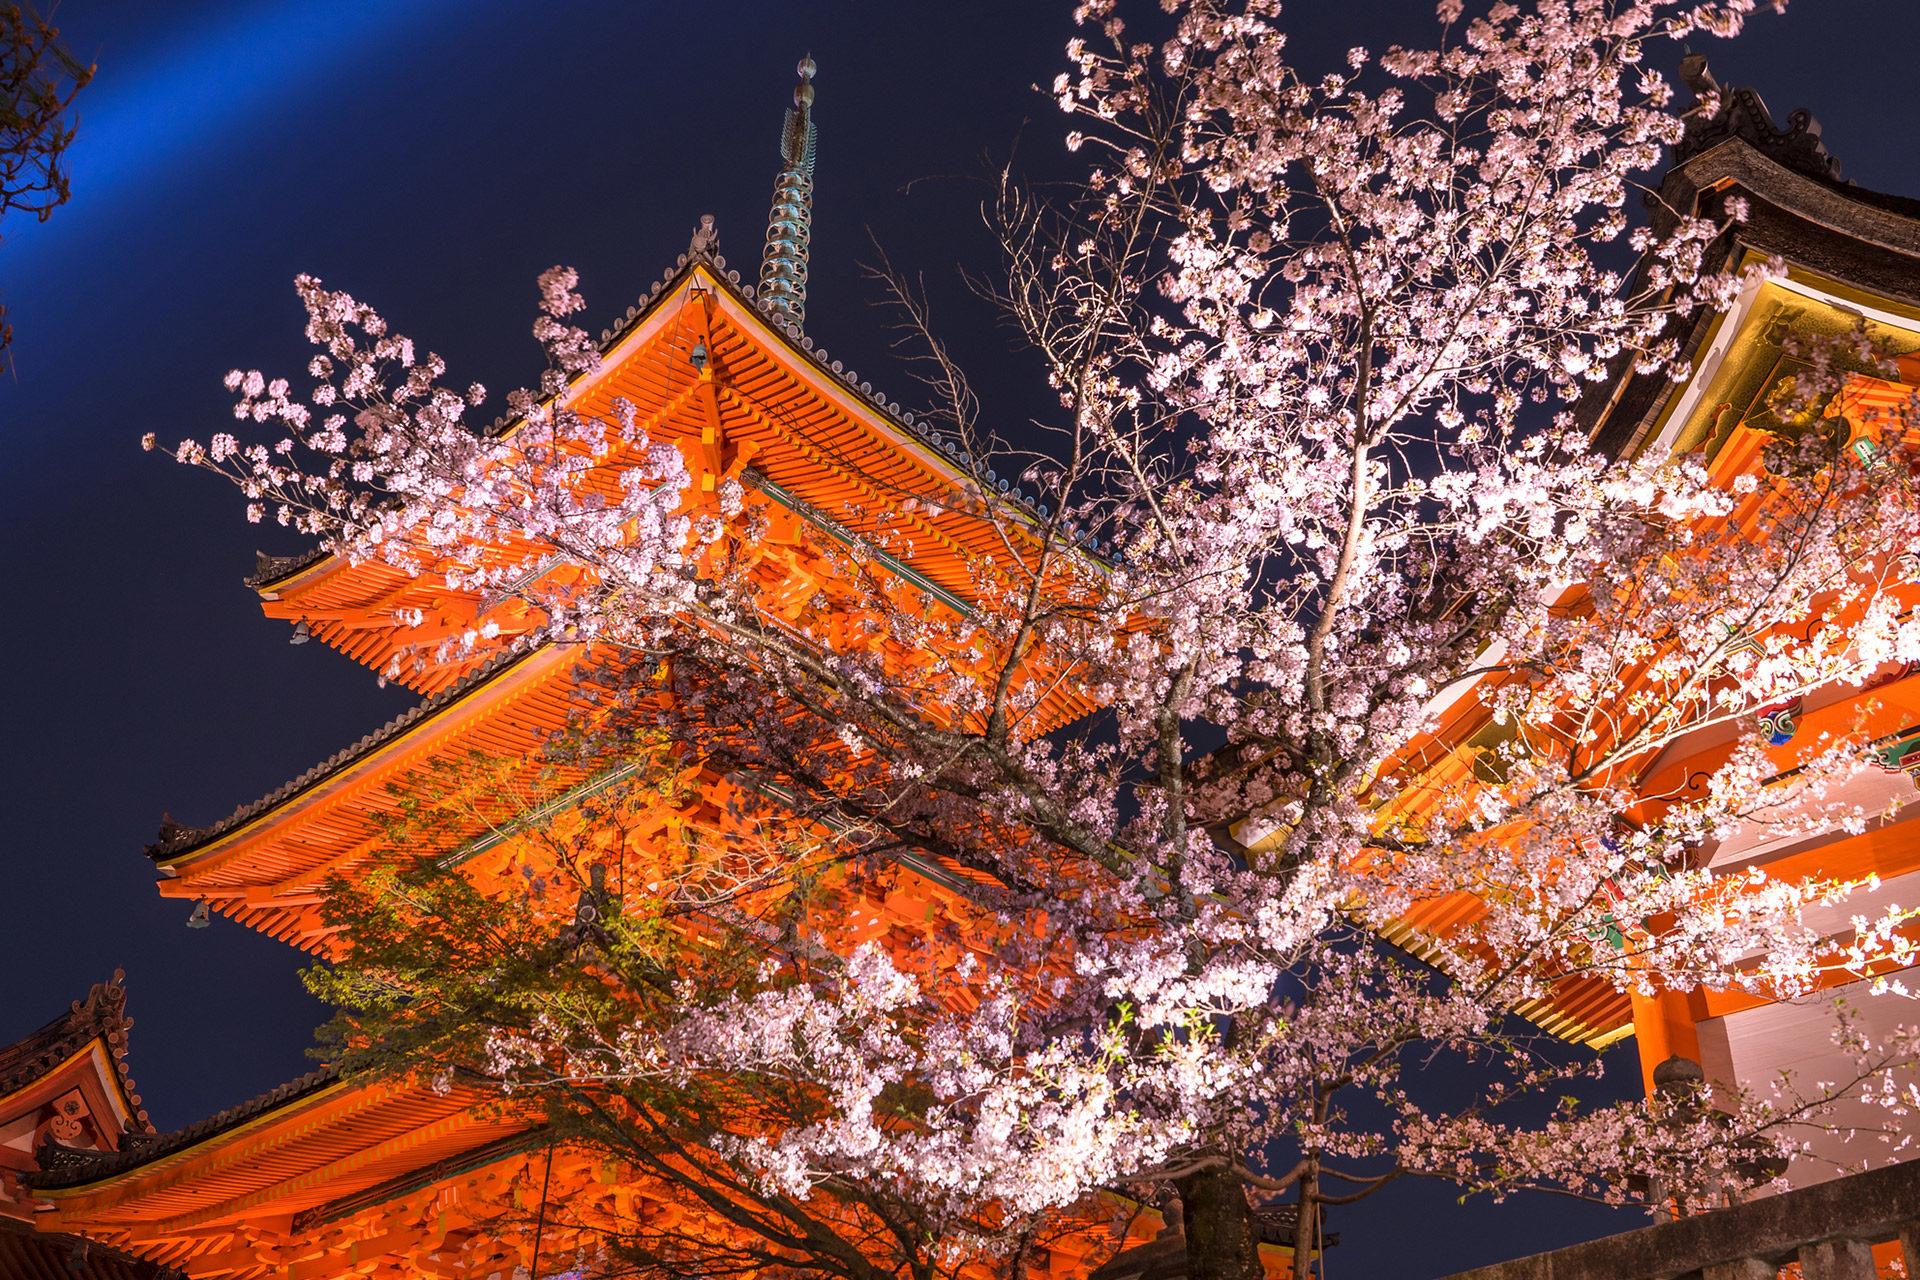 晚上能看到閃耀的櫻花的地方是??